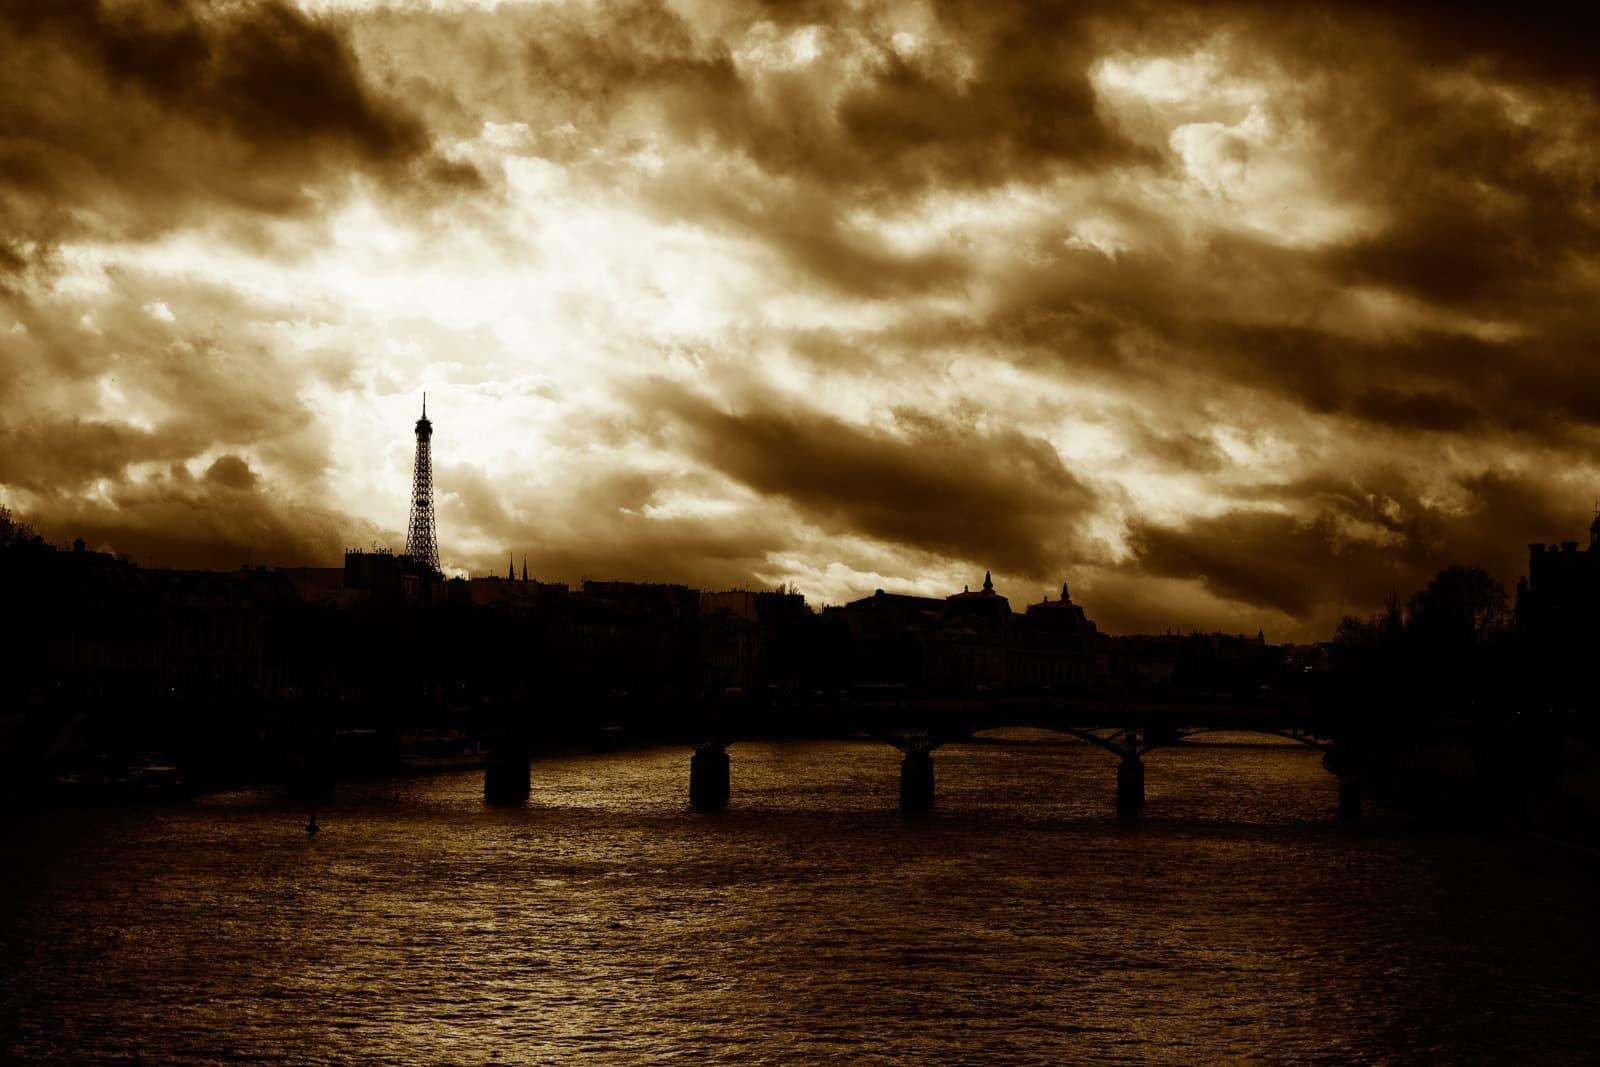 Udsigt til Eiffeltårnet